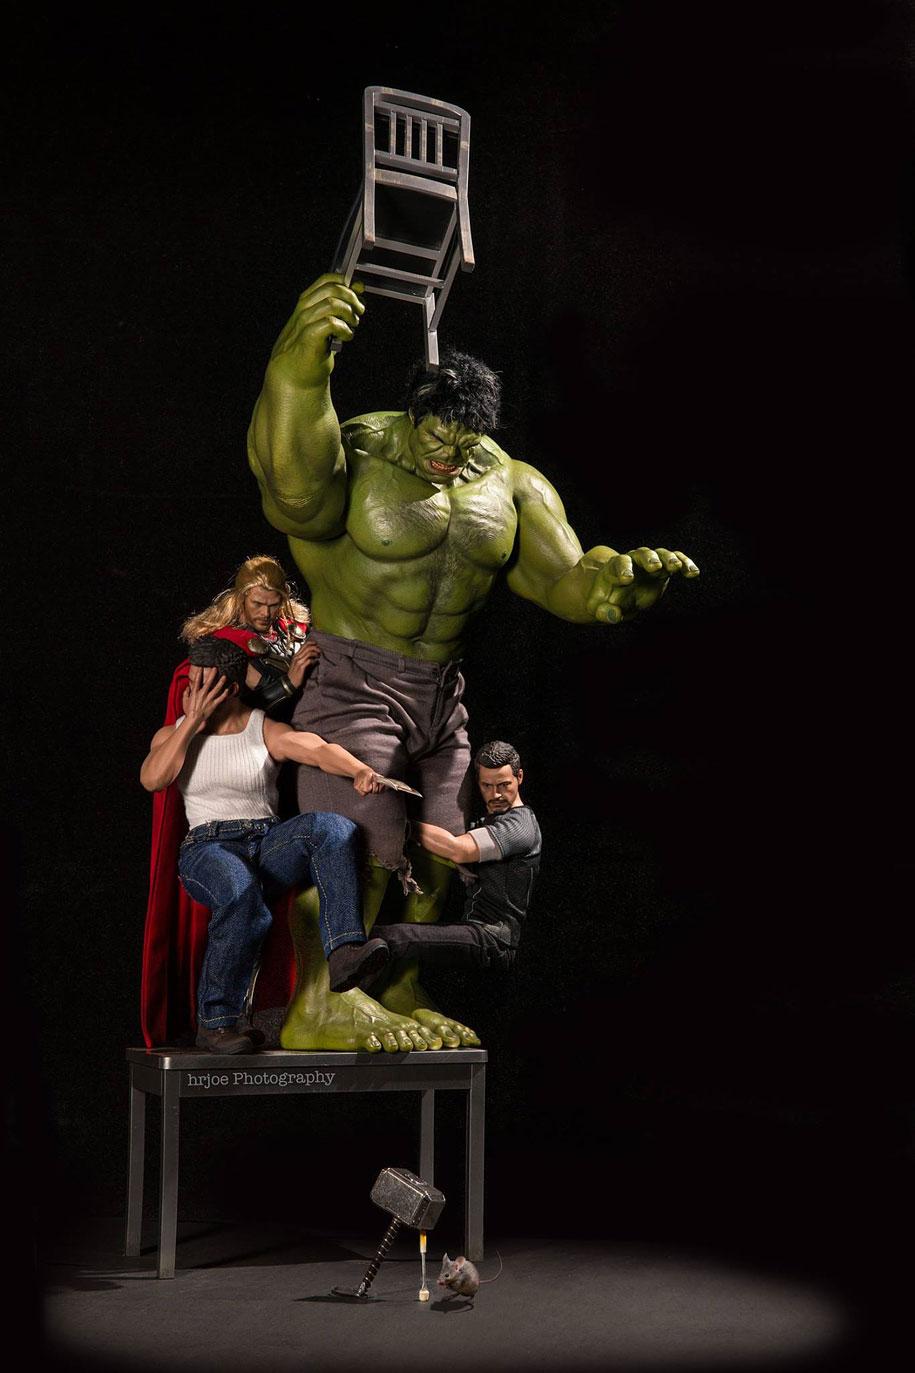 funny-marvel-superhero-action-figure-hrjoe-6